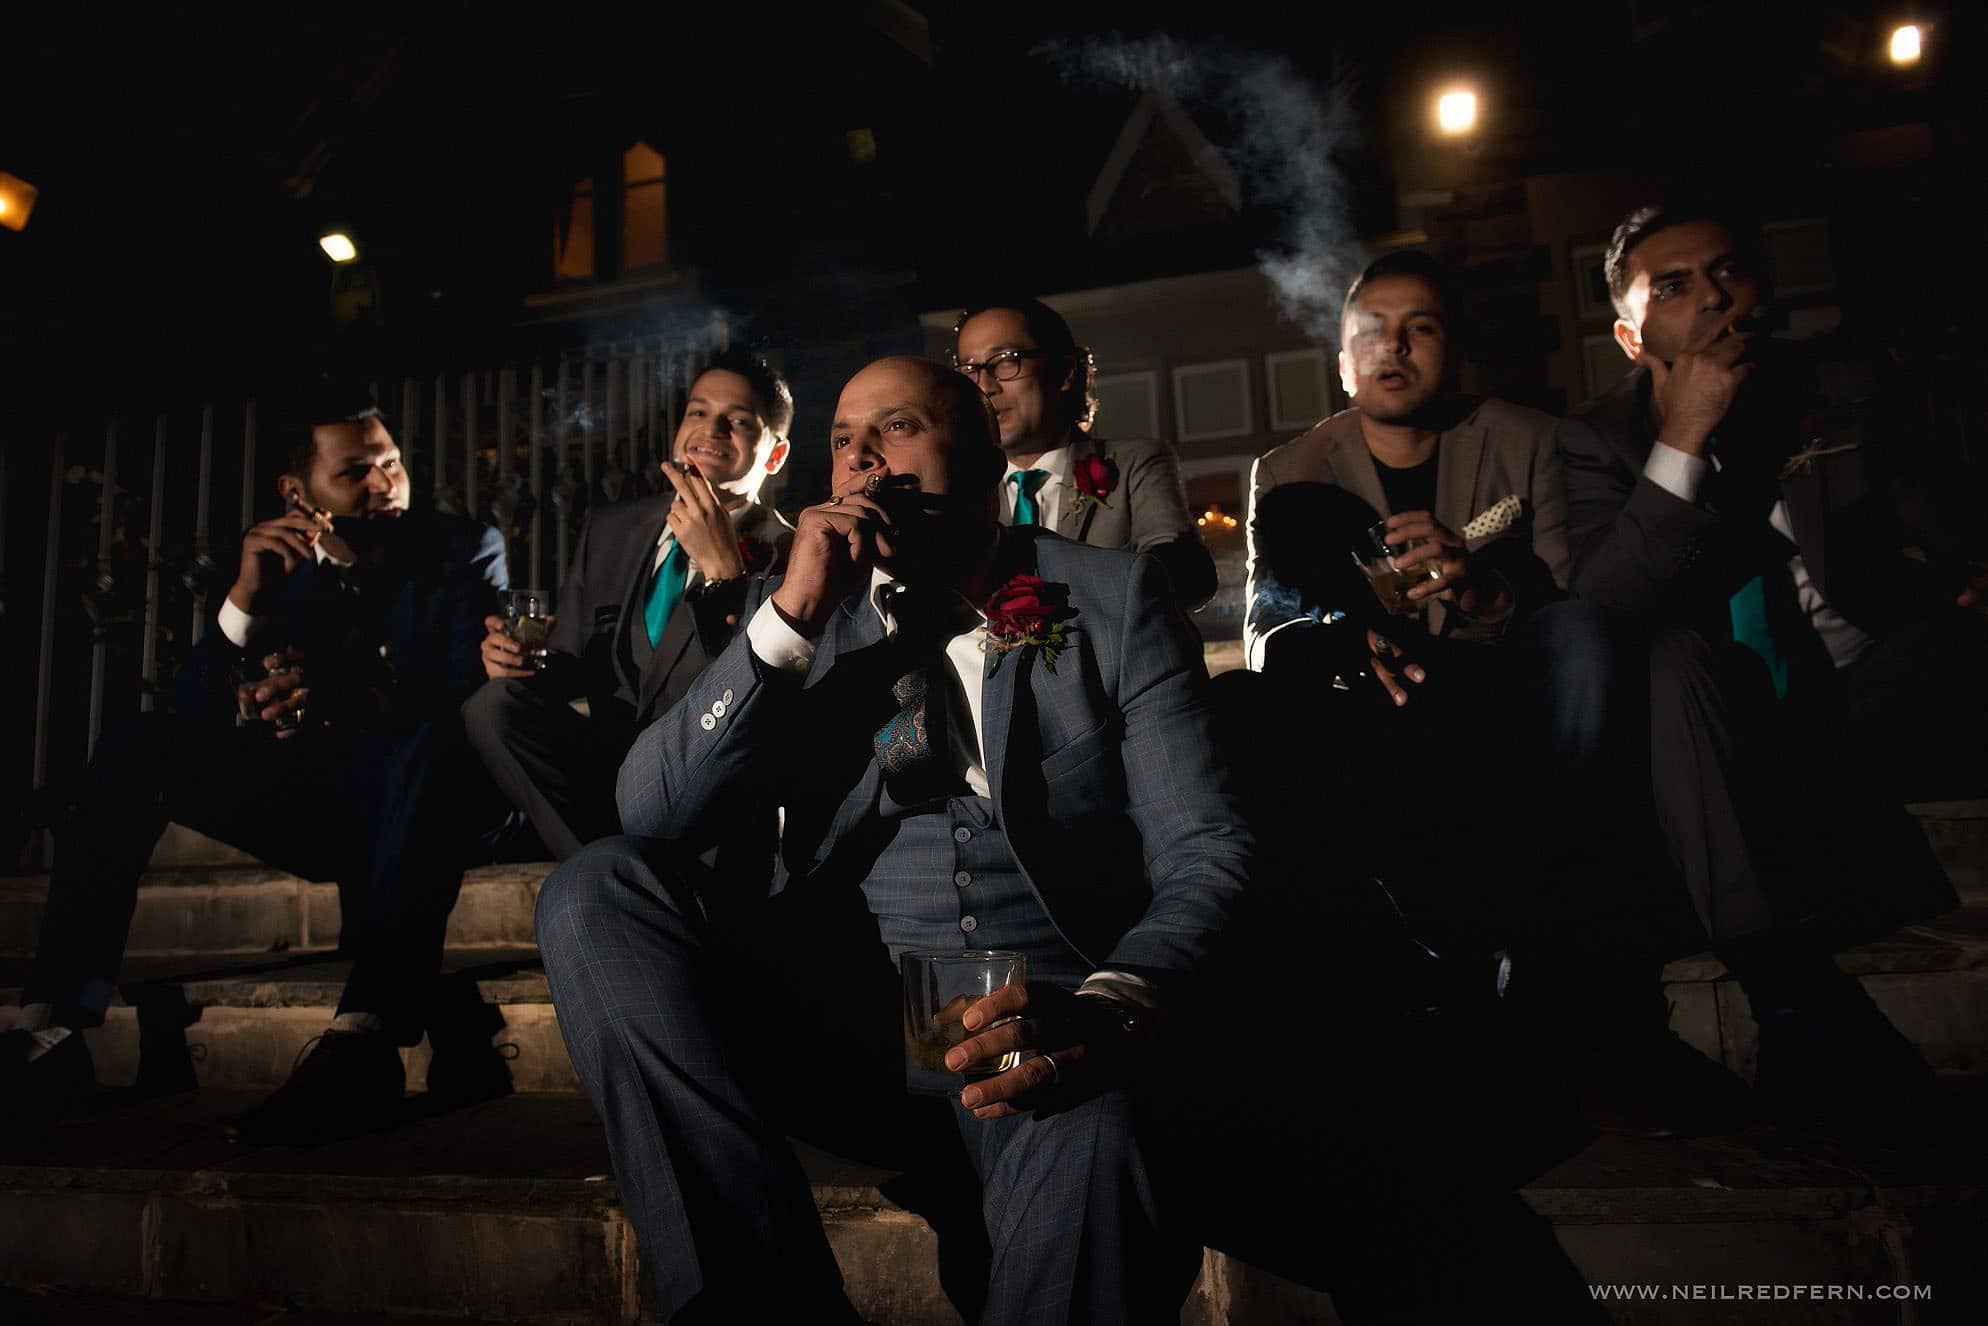 cool shot of groomsmen smoking cigars